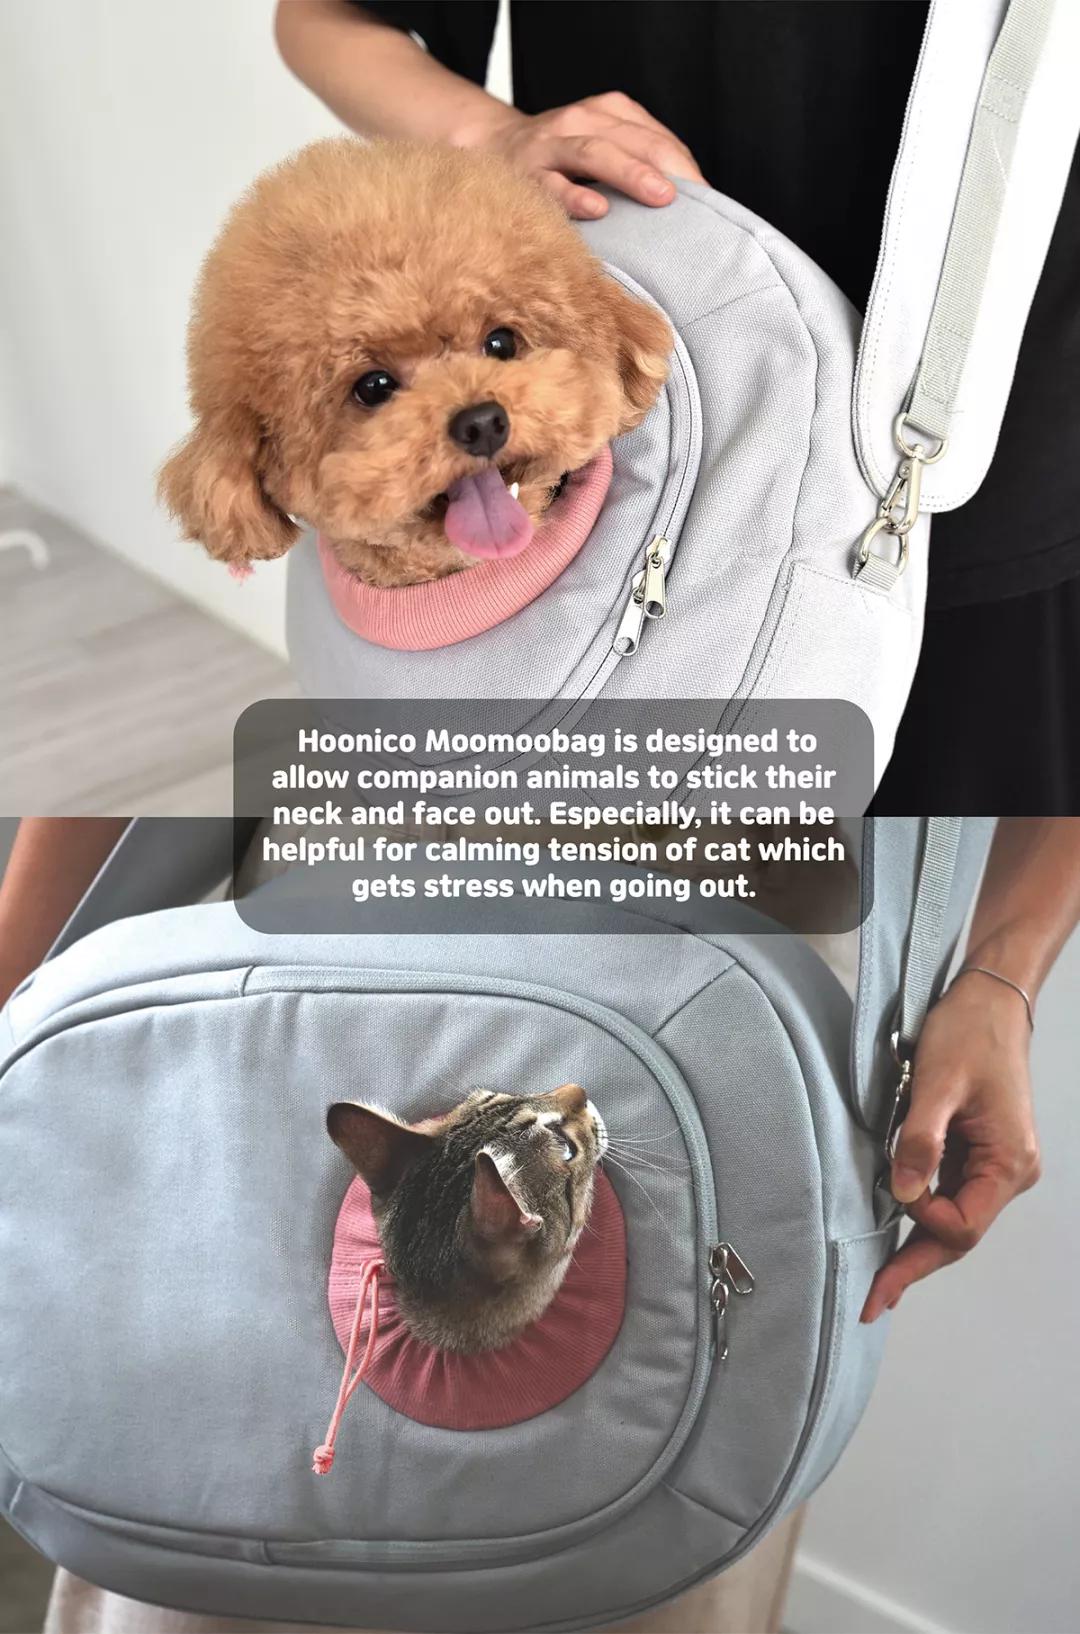 想带宠物去旅行吗?点开有惊喜